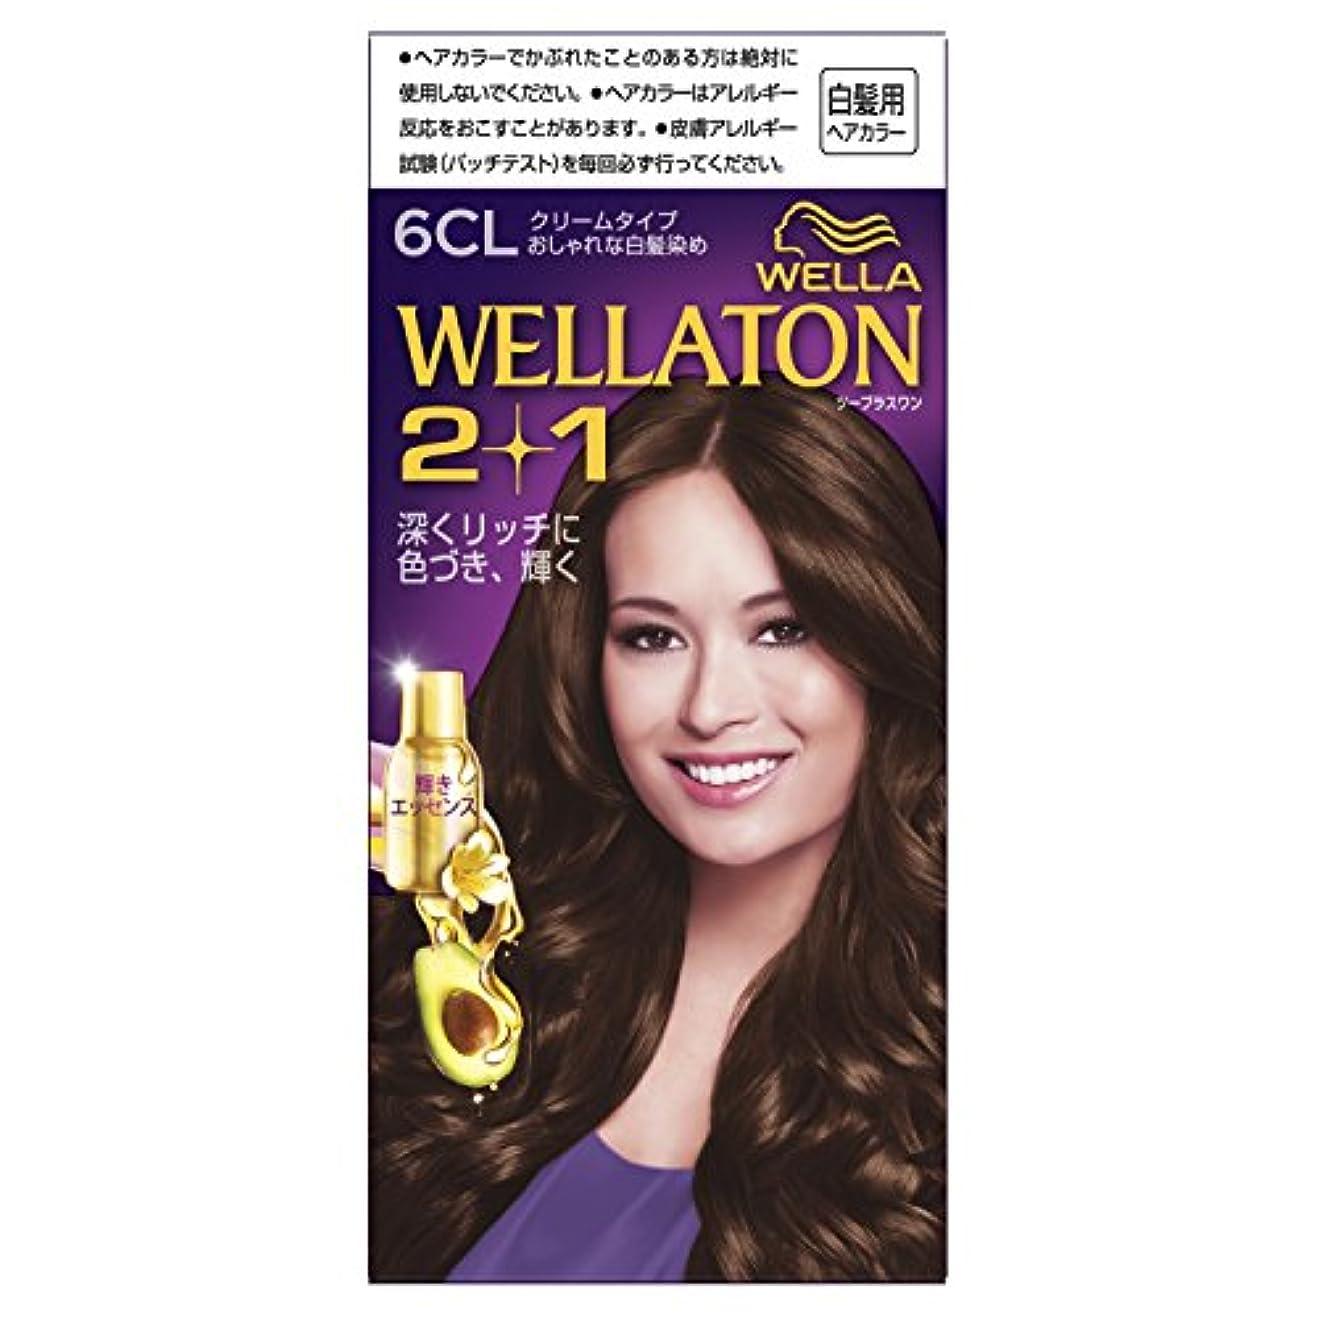 節約するオート満了ウエラトーン2+1 クリームタイプ 6CL [医薬部外品](おしゃれな白髪染め)